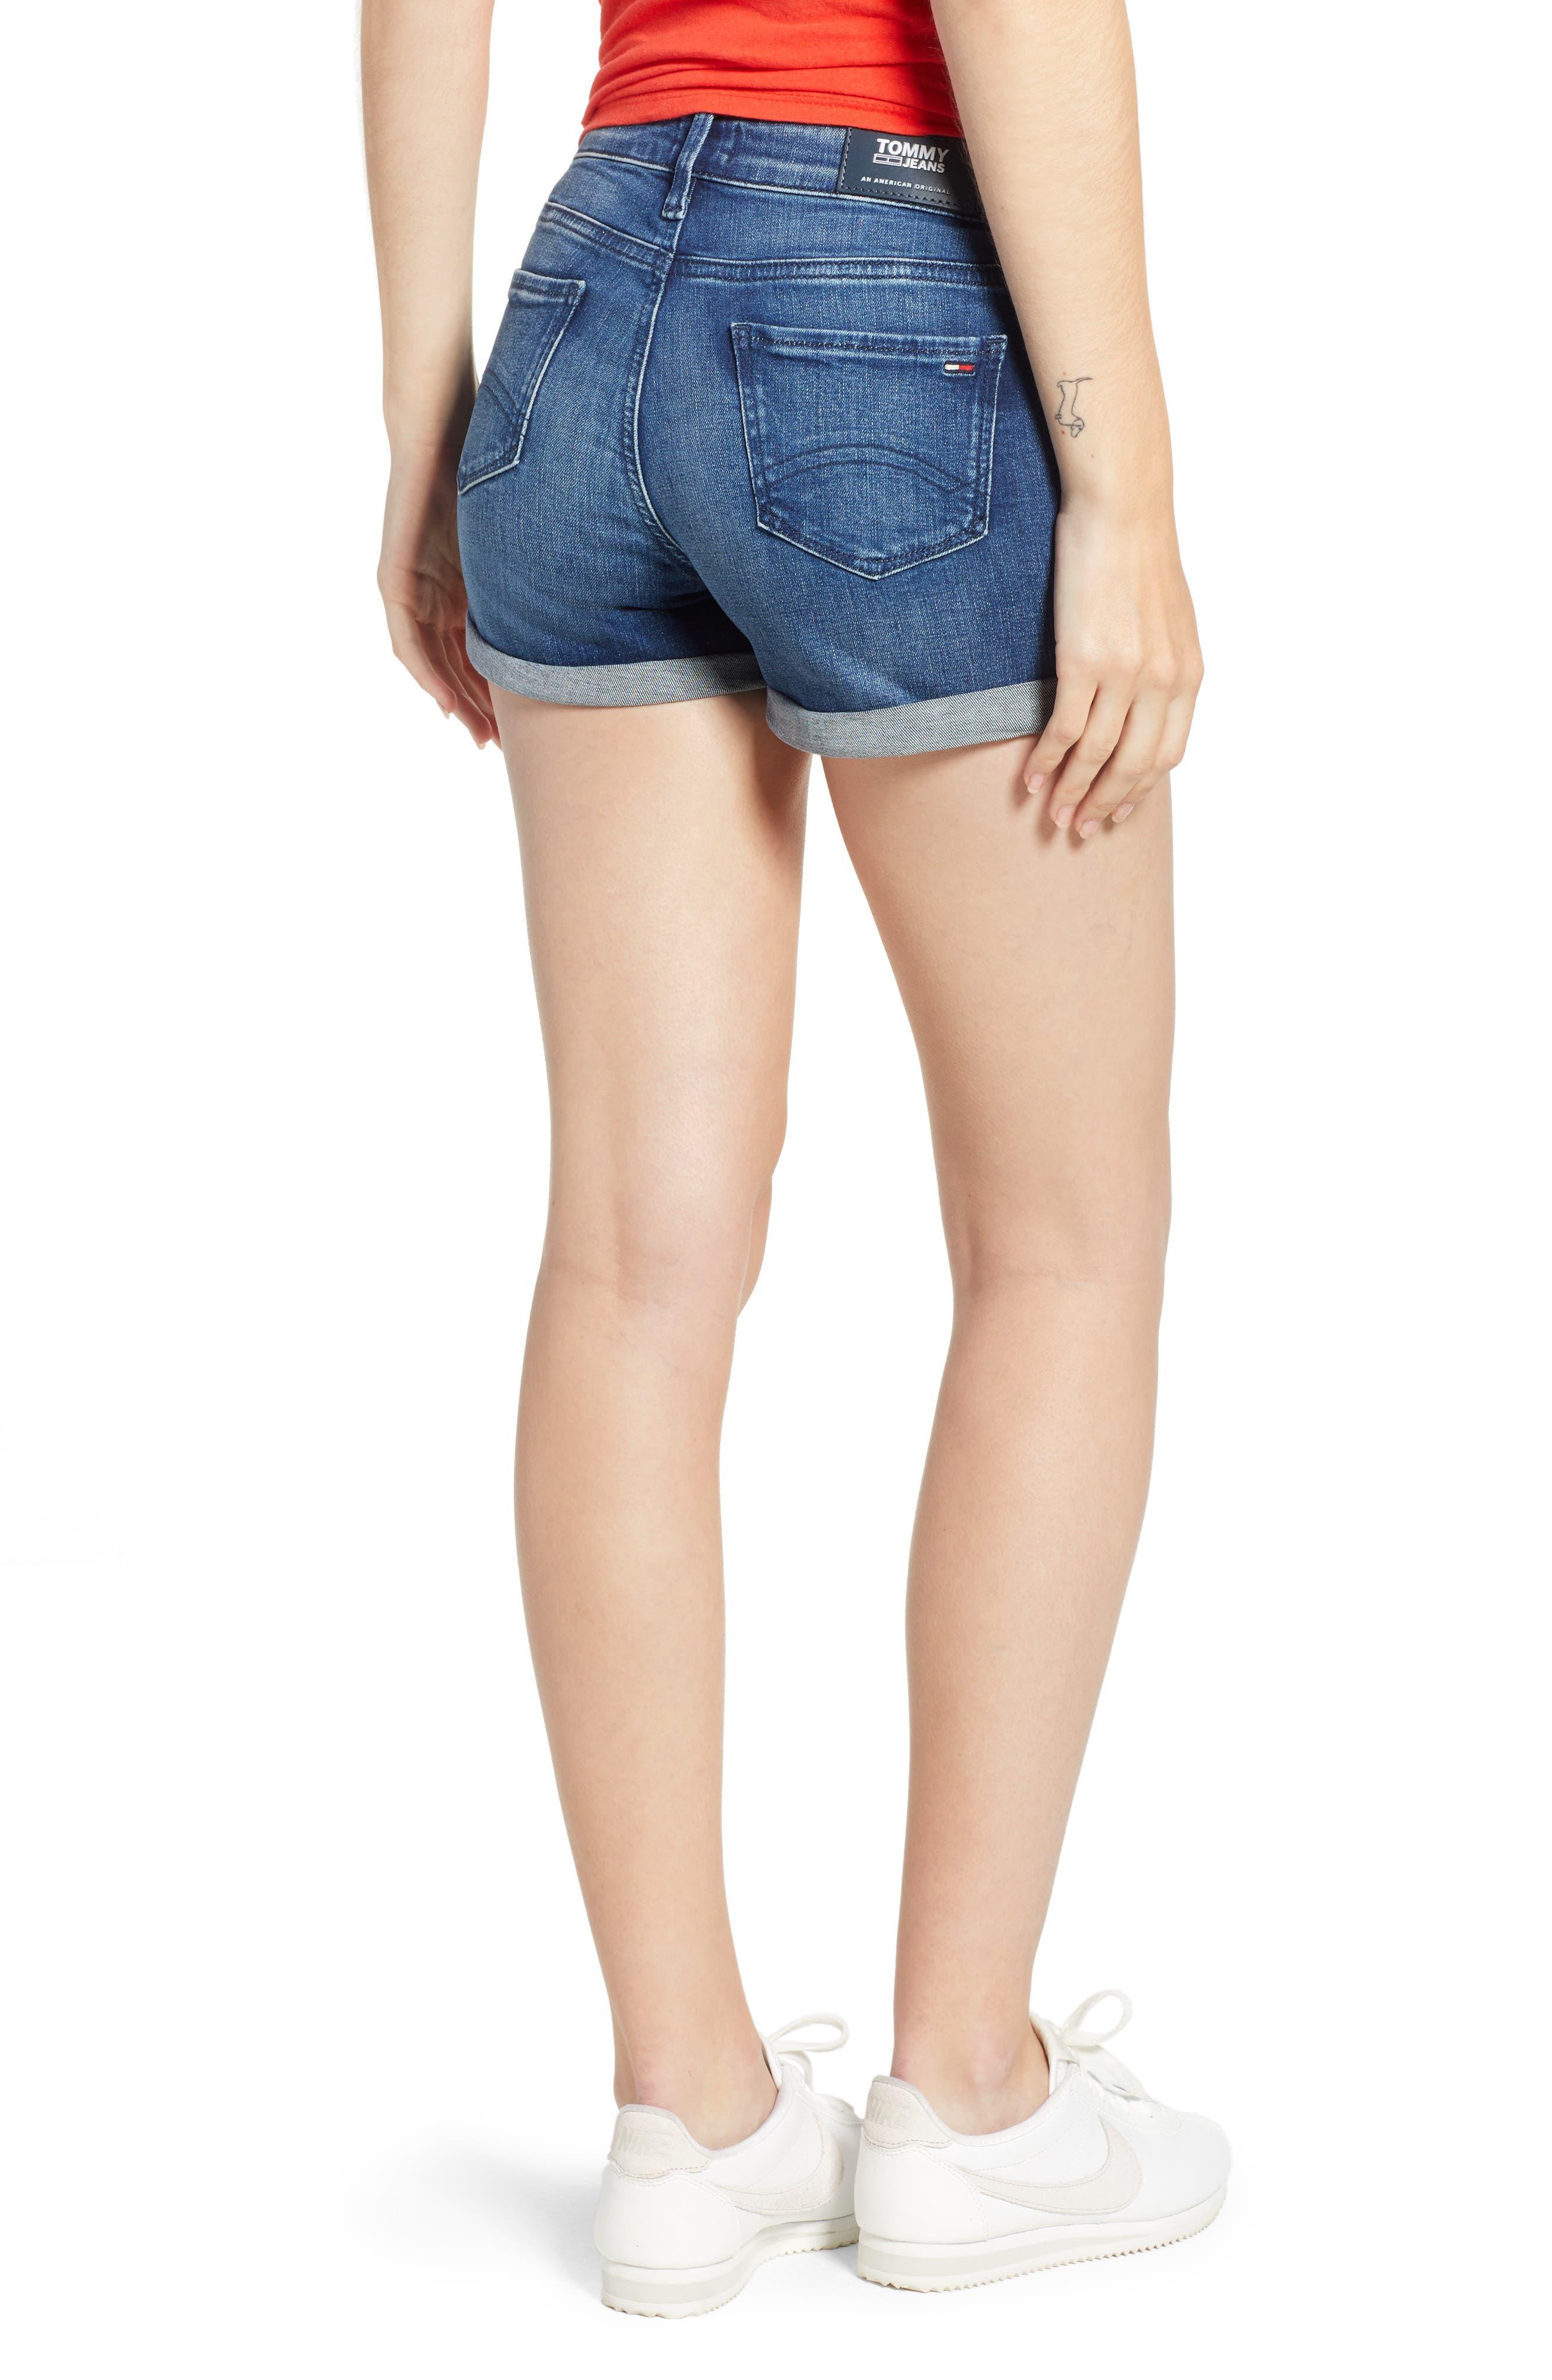 TJW Denim Shorts,                             Alternate thumbnail 2, color,                             Newport Blue